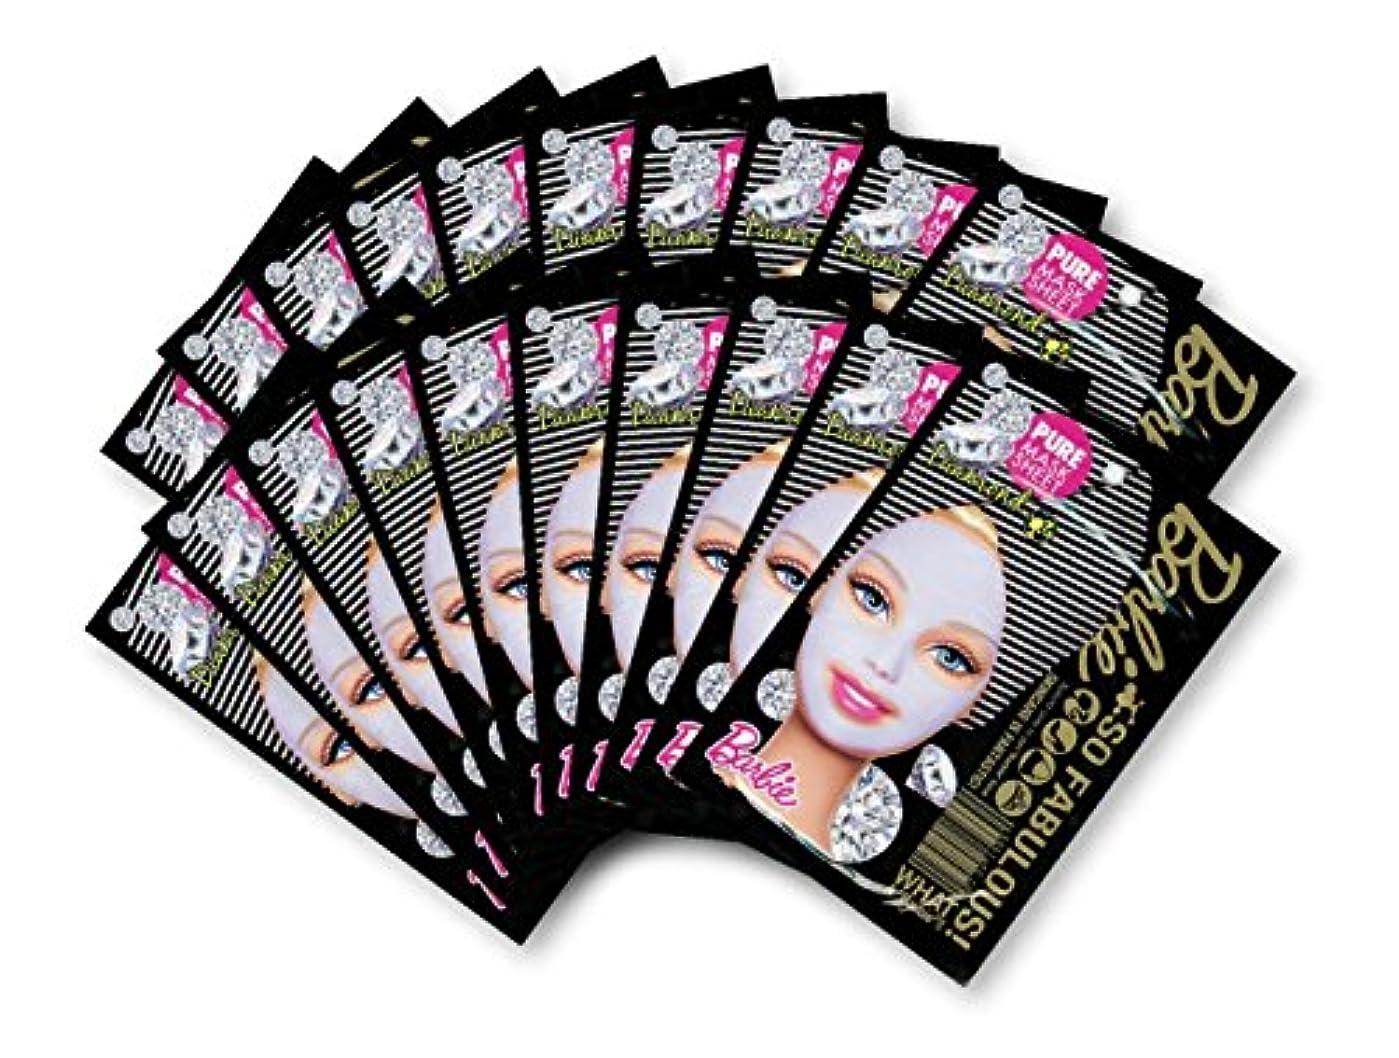 伴うデジタル床バービー (Barbie) フェイスマスク ピュアマスクシートN (ダイアモンド) 25ml×20枚入り [保湿] 顔 シートマスク フェイスパック